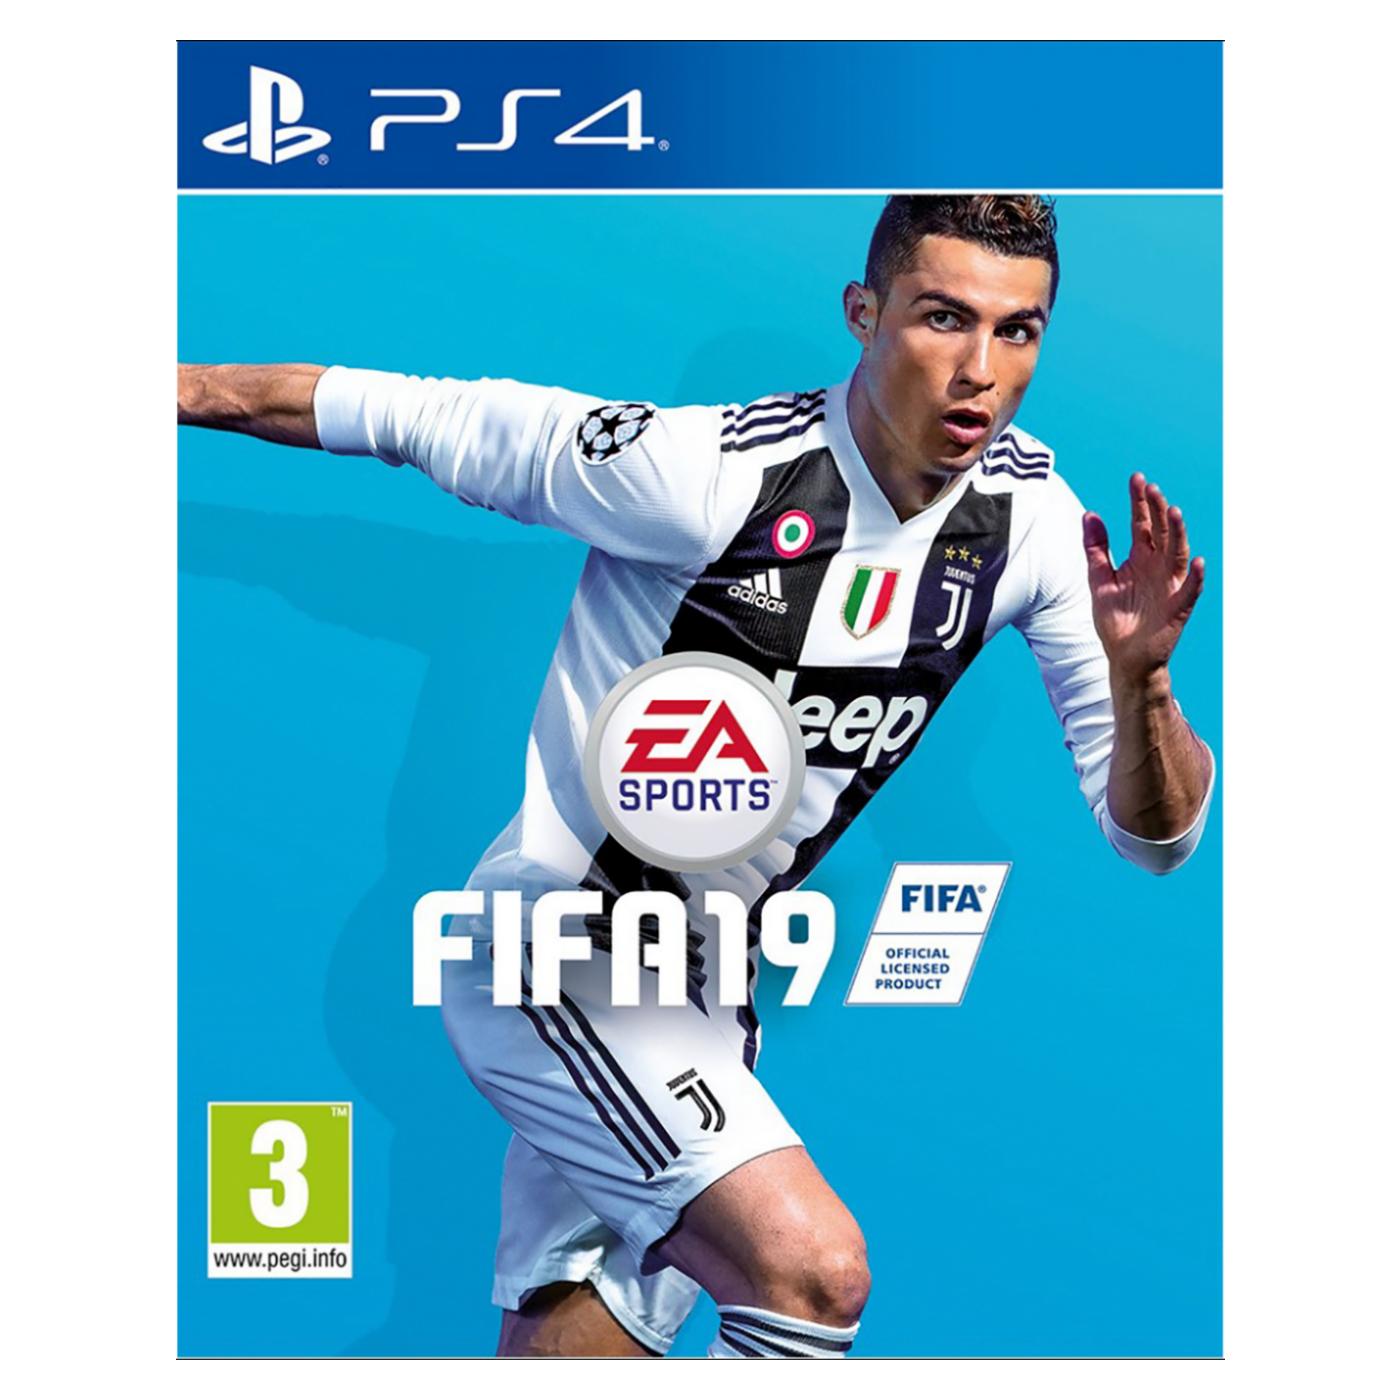 Sony - FIFA 19 PS4